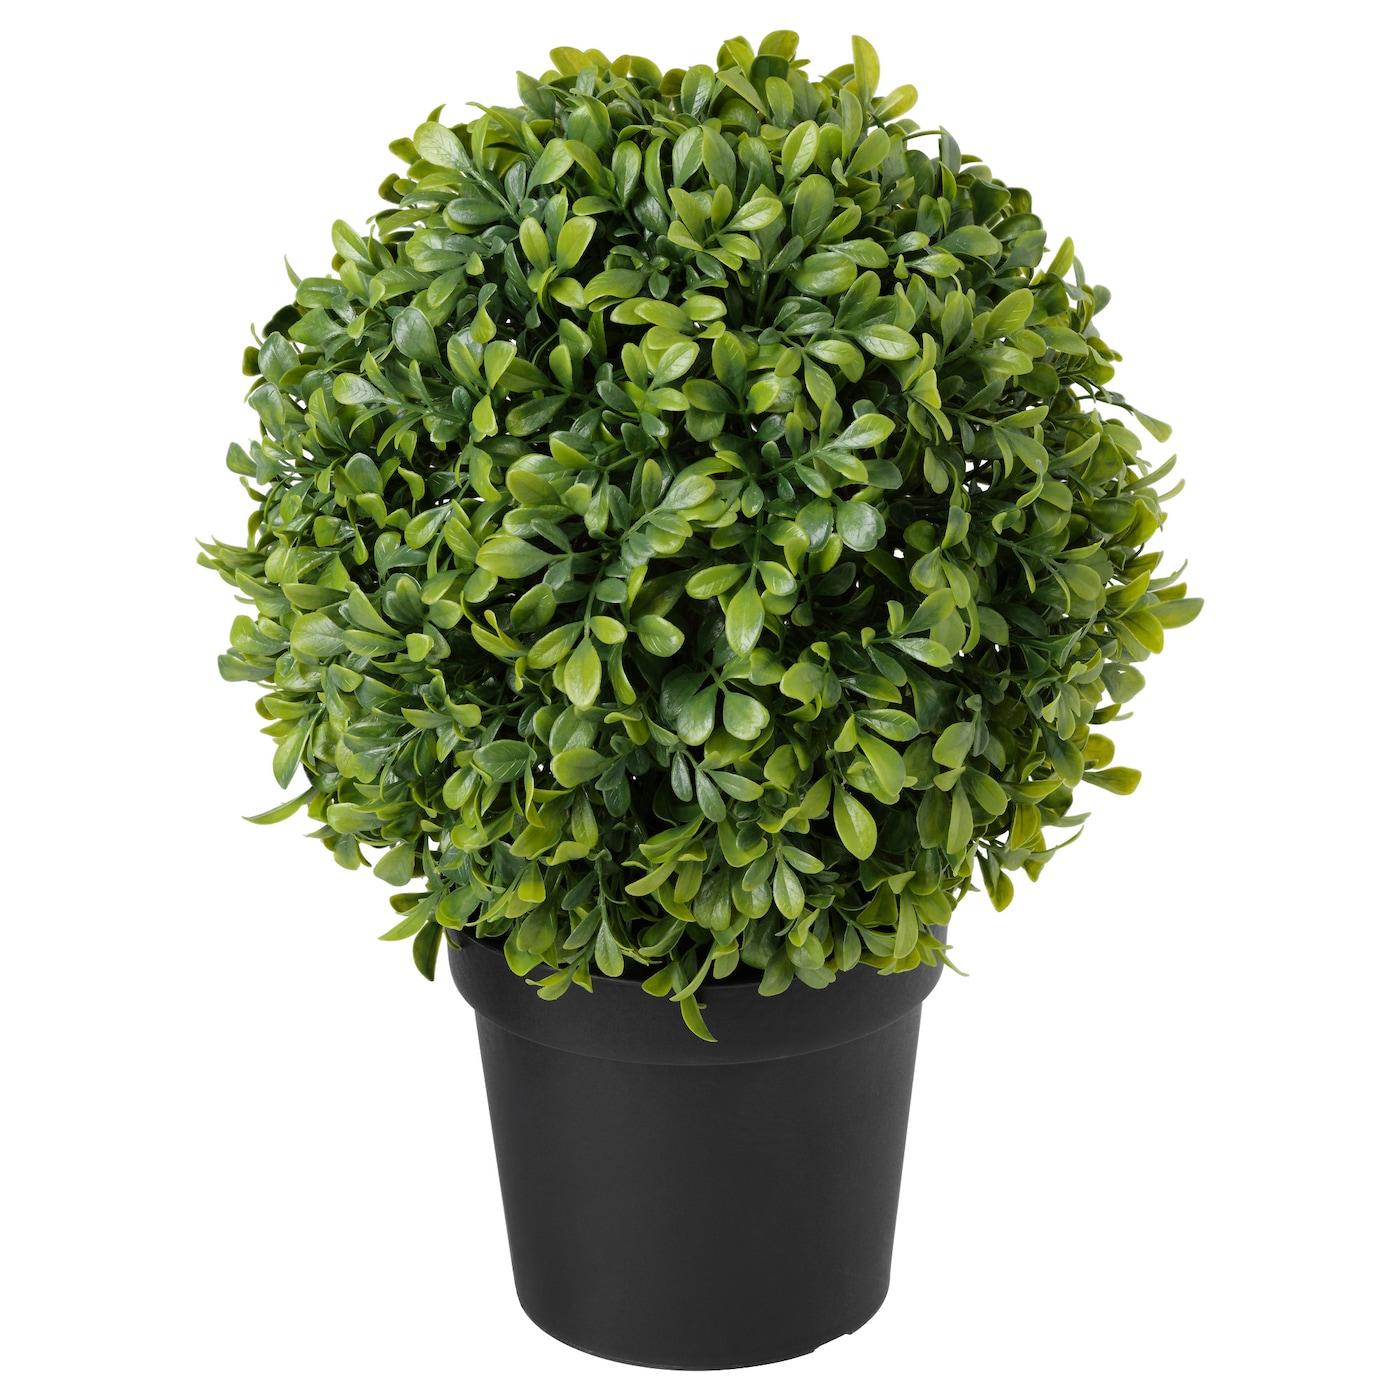 fejka plante artificielle en pot int rieur ext rieur buis forme sph rique 15 cm ikea. Black Bedroom Furniture Sets. Home Design Ideas